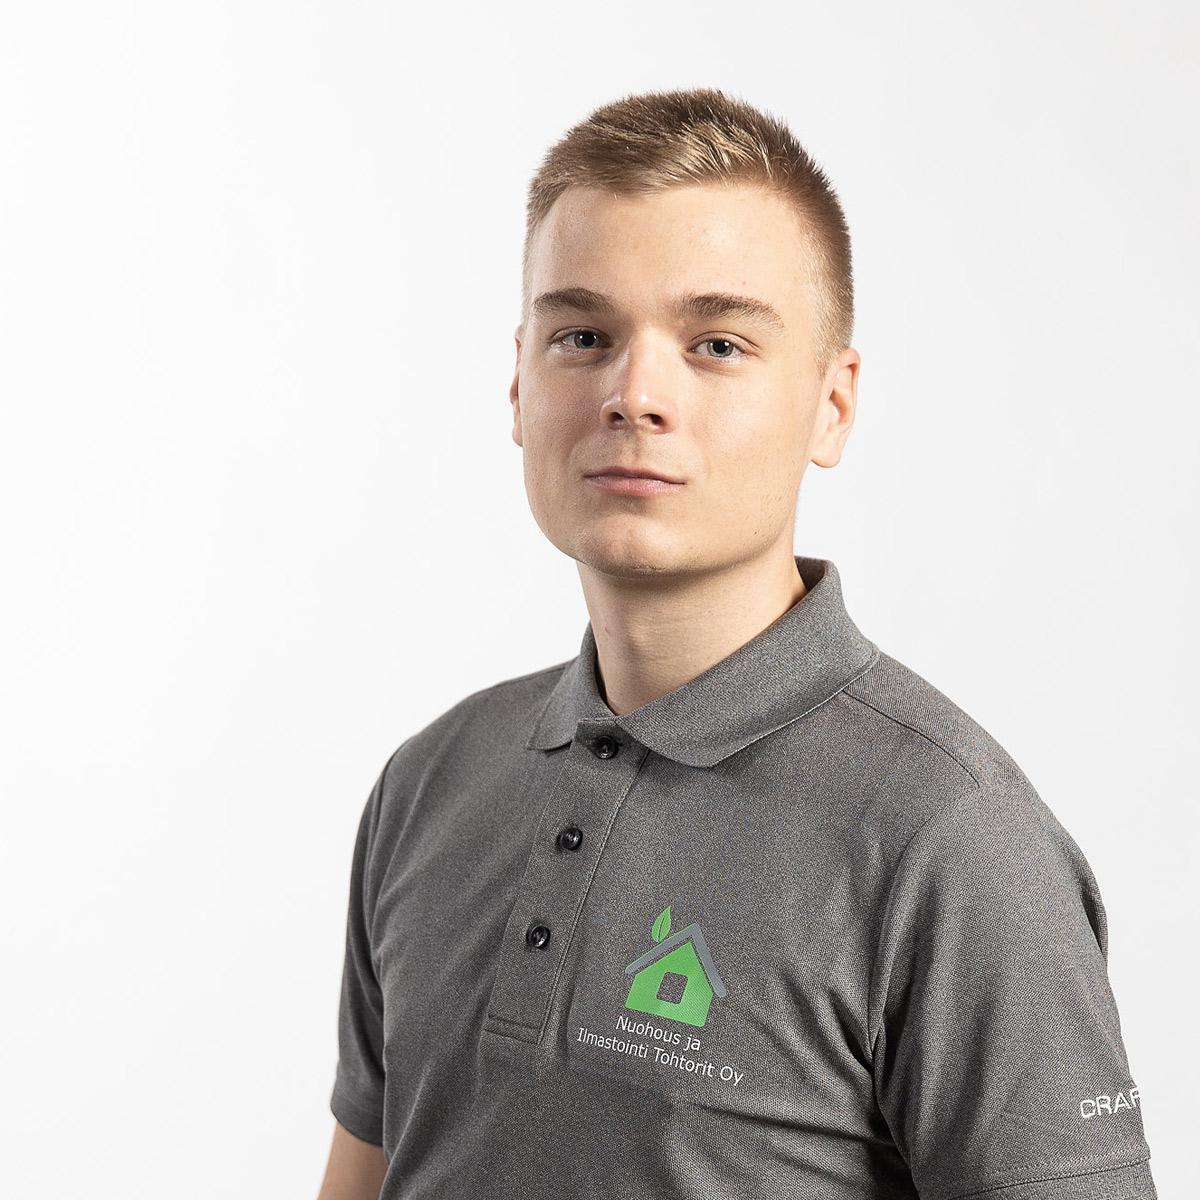 Jesse Petäys